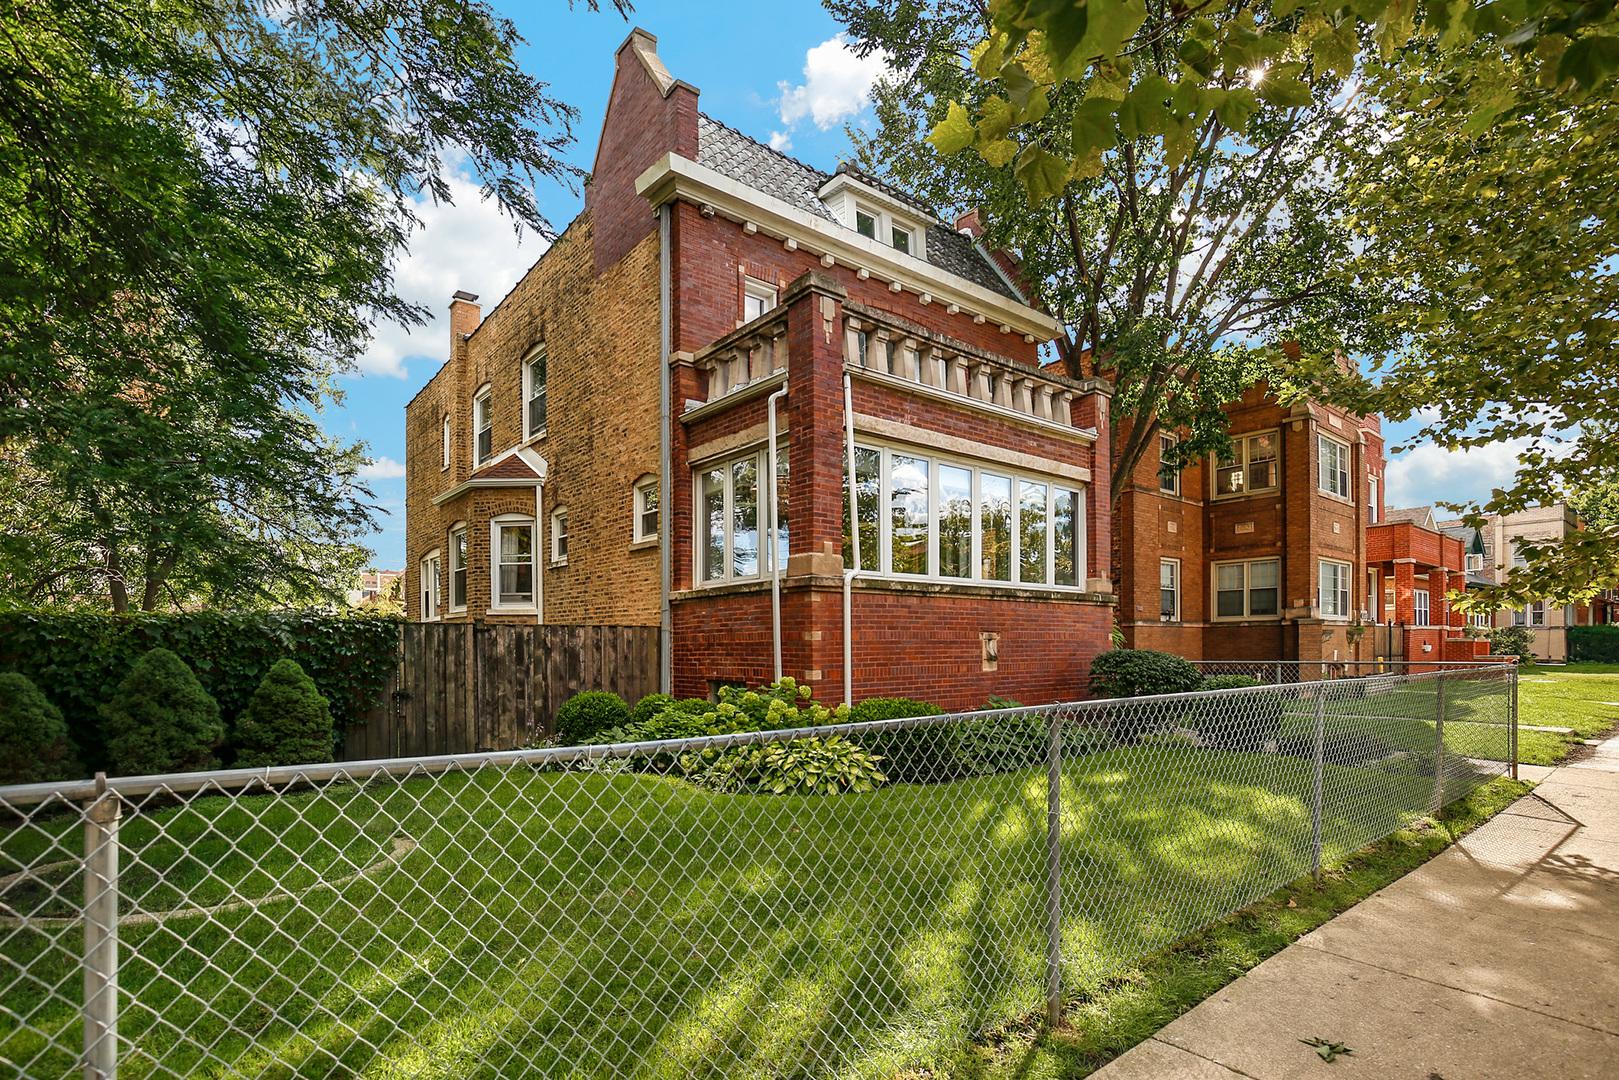 Belmont Gardens Real Estate & Belmont Gardens Chicago Information